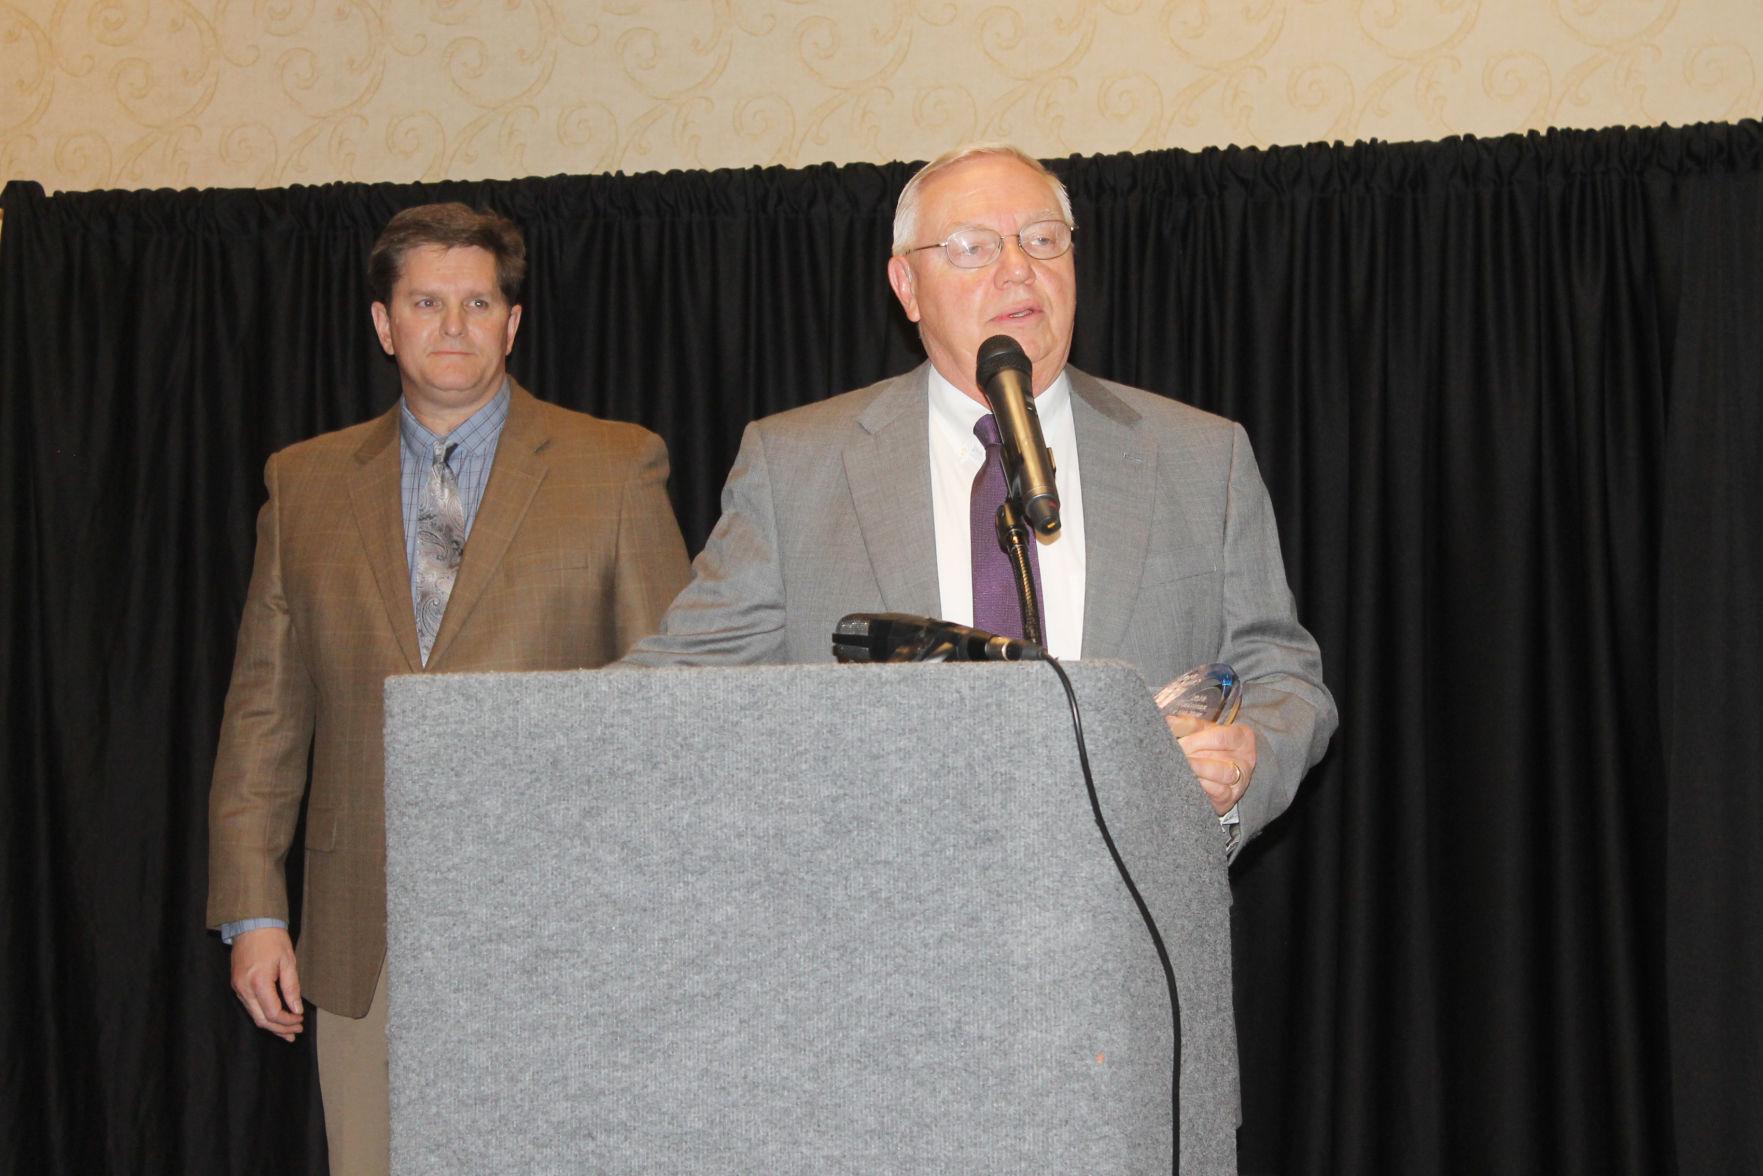 Pottberg named chamber's volunteer of the year